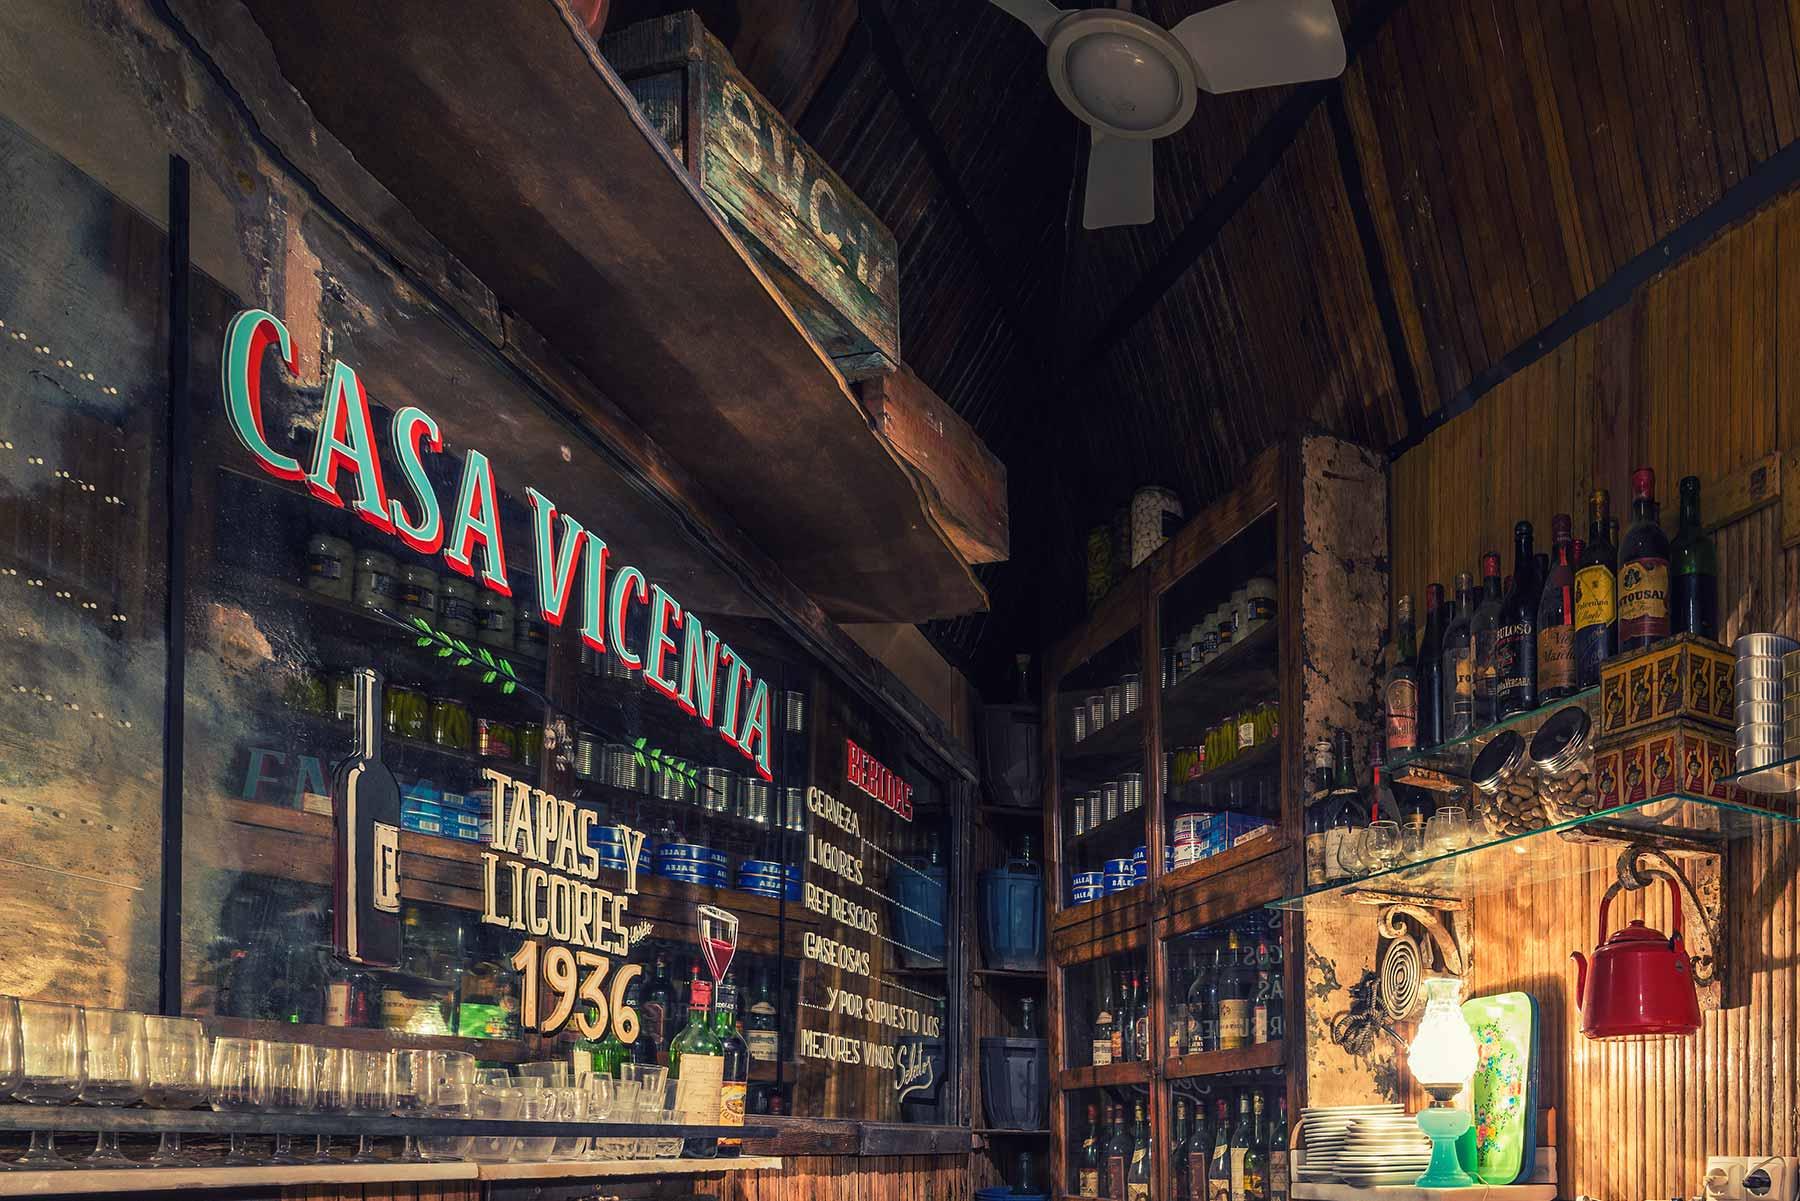 Casa vicenta decoraci n dise o y proyecto innovador para - Diseno de bares ...